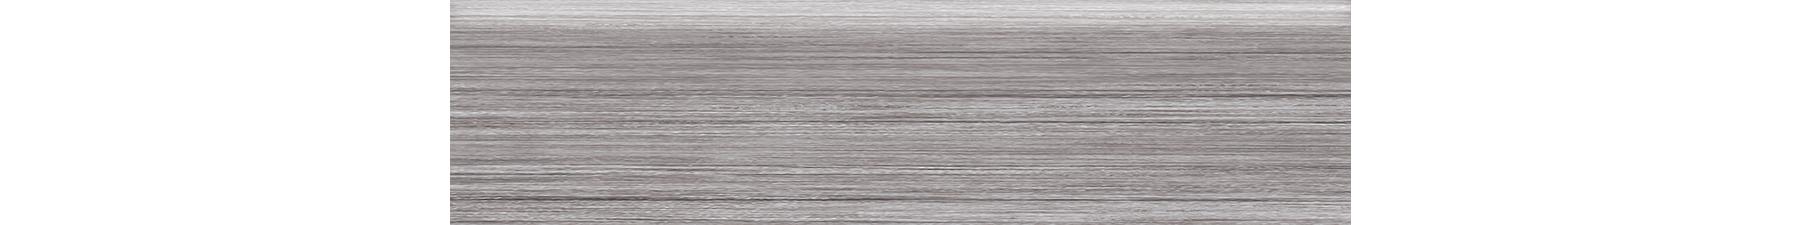 Springwood-Grey-3x12-BN